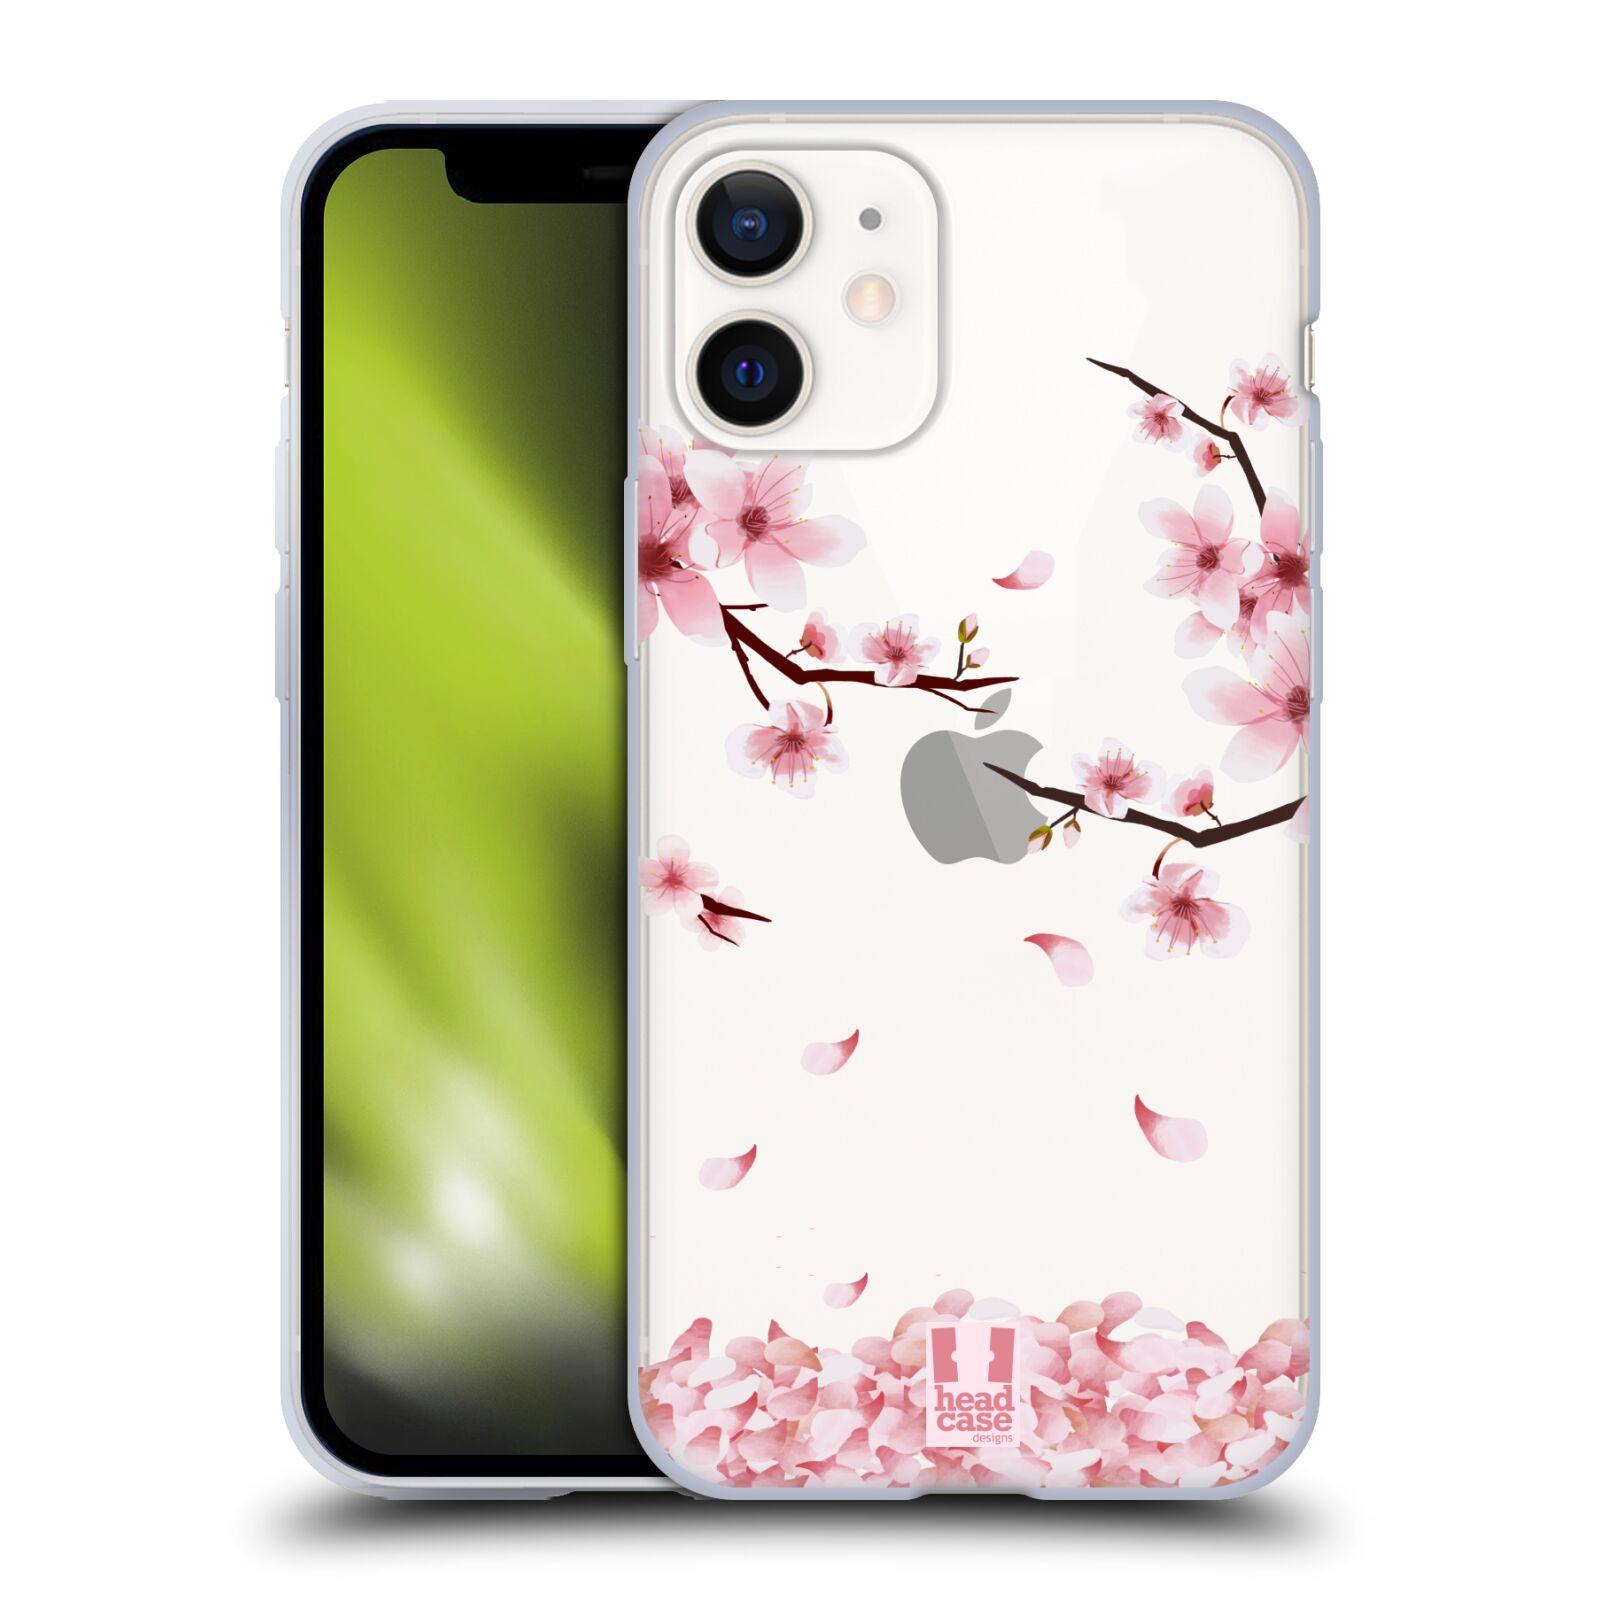 Silikonové pouzdro na mobil Apple iPhone 12 Mini - Head Case - Květy a větvičky